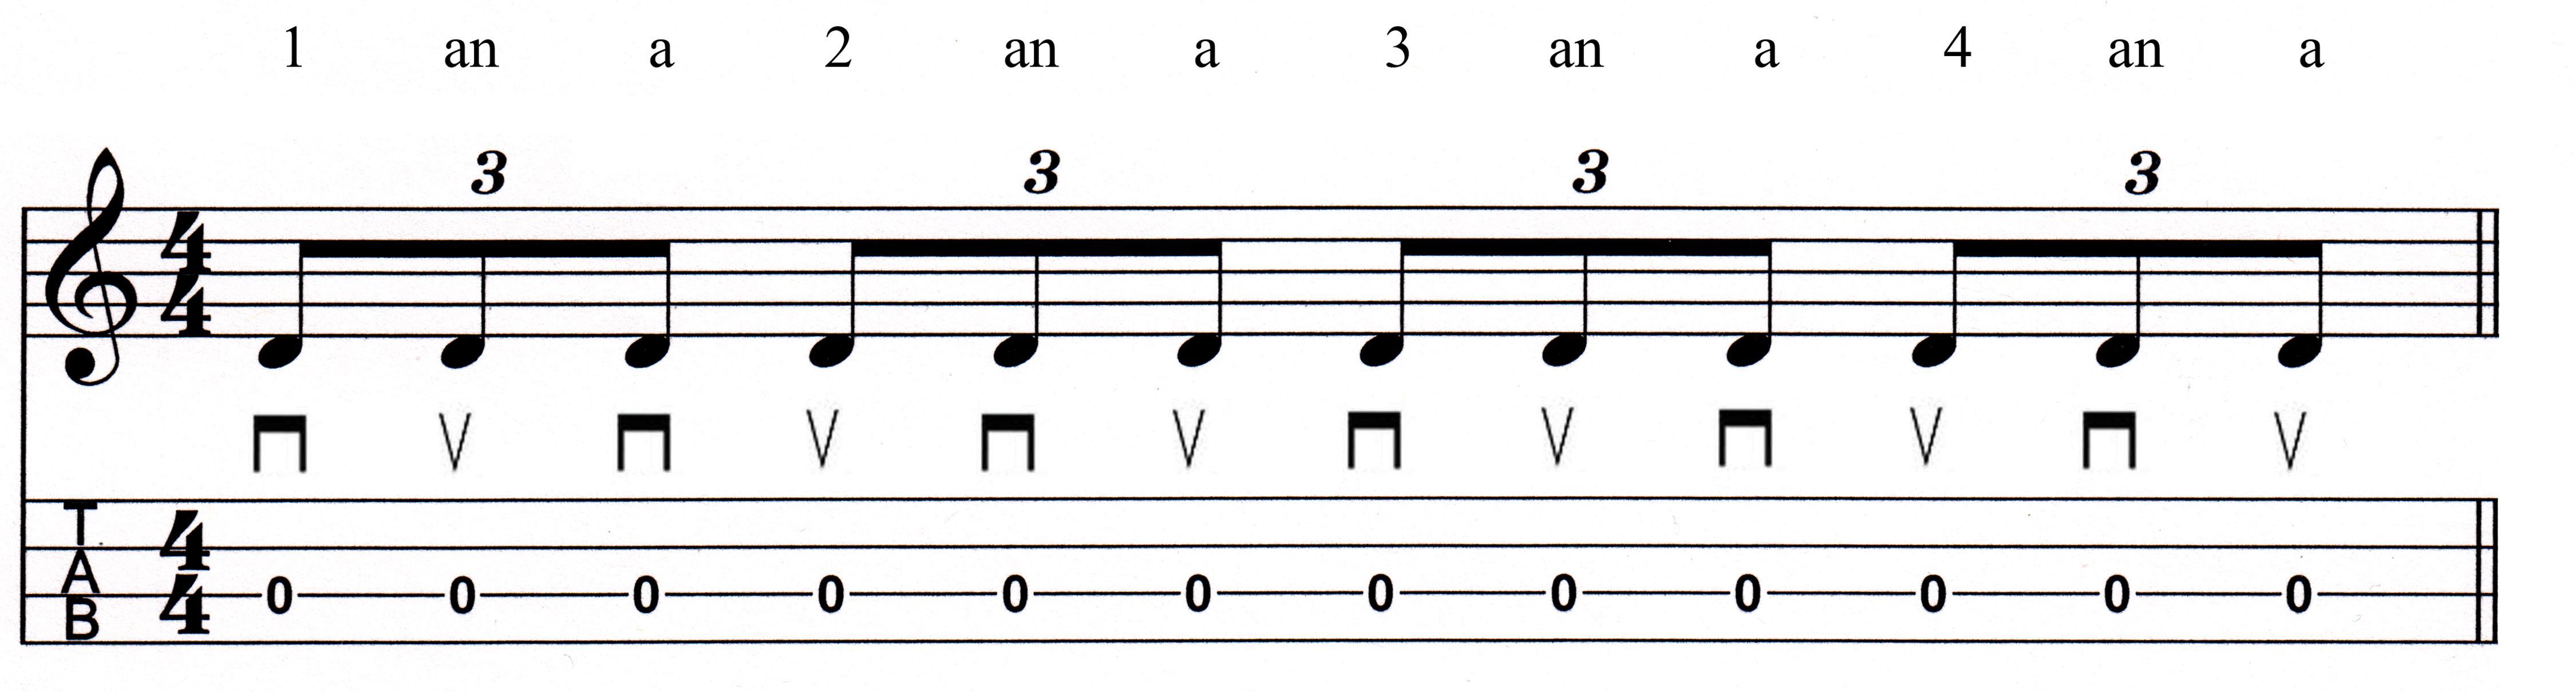 Fretboard com - Beginning Mandolin